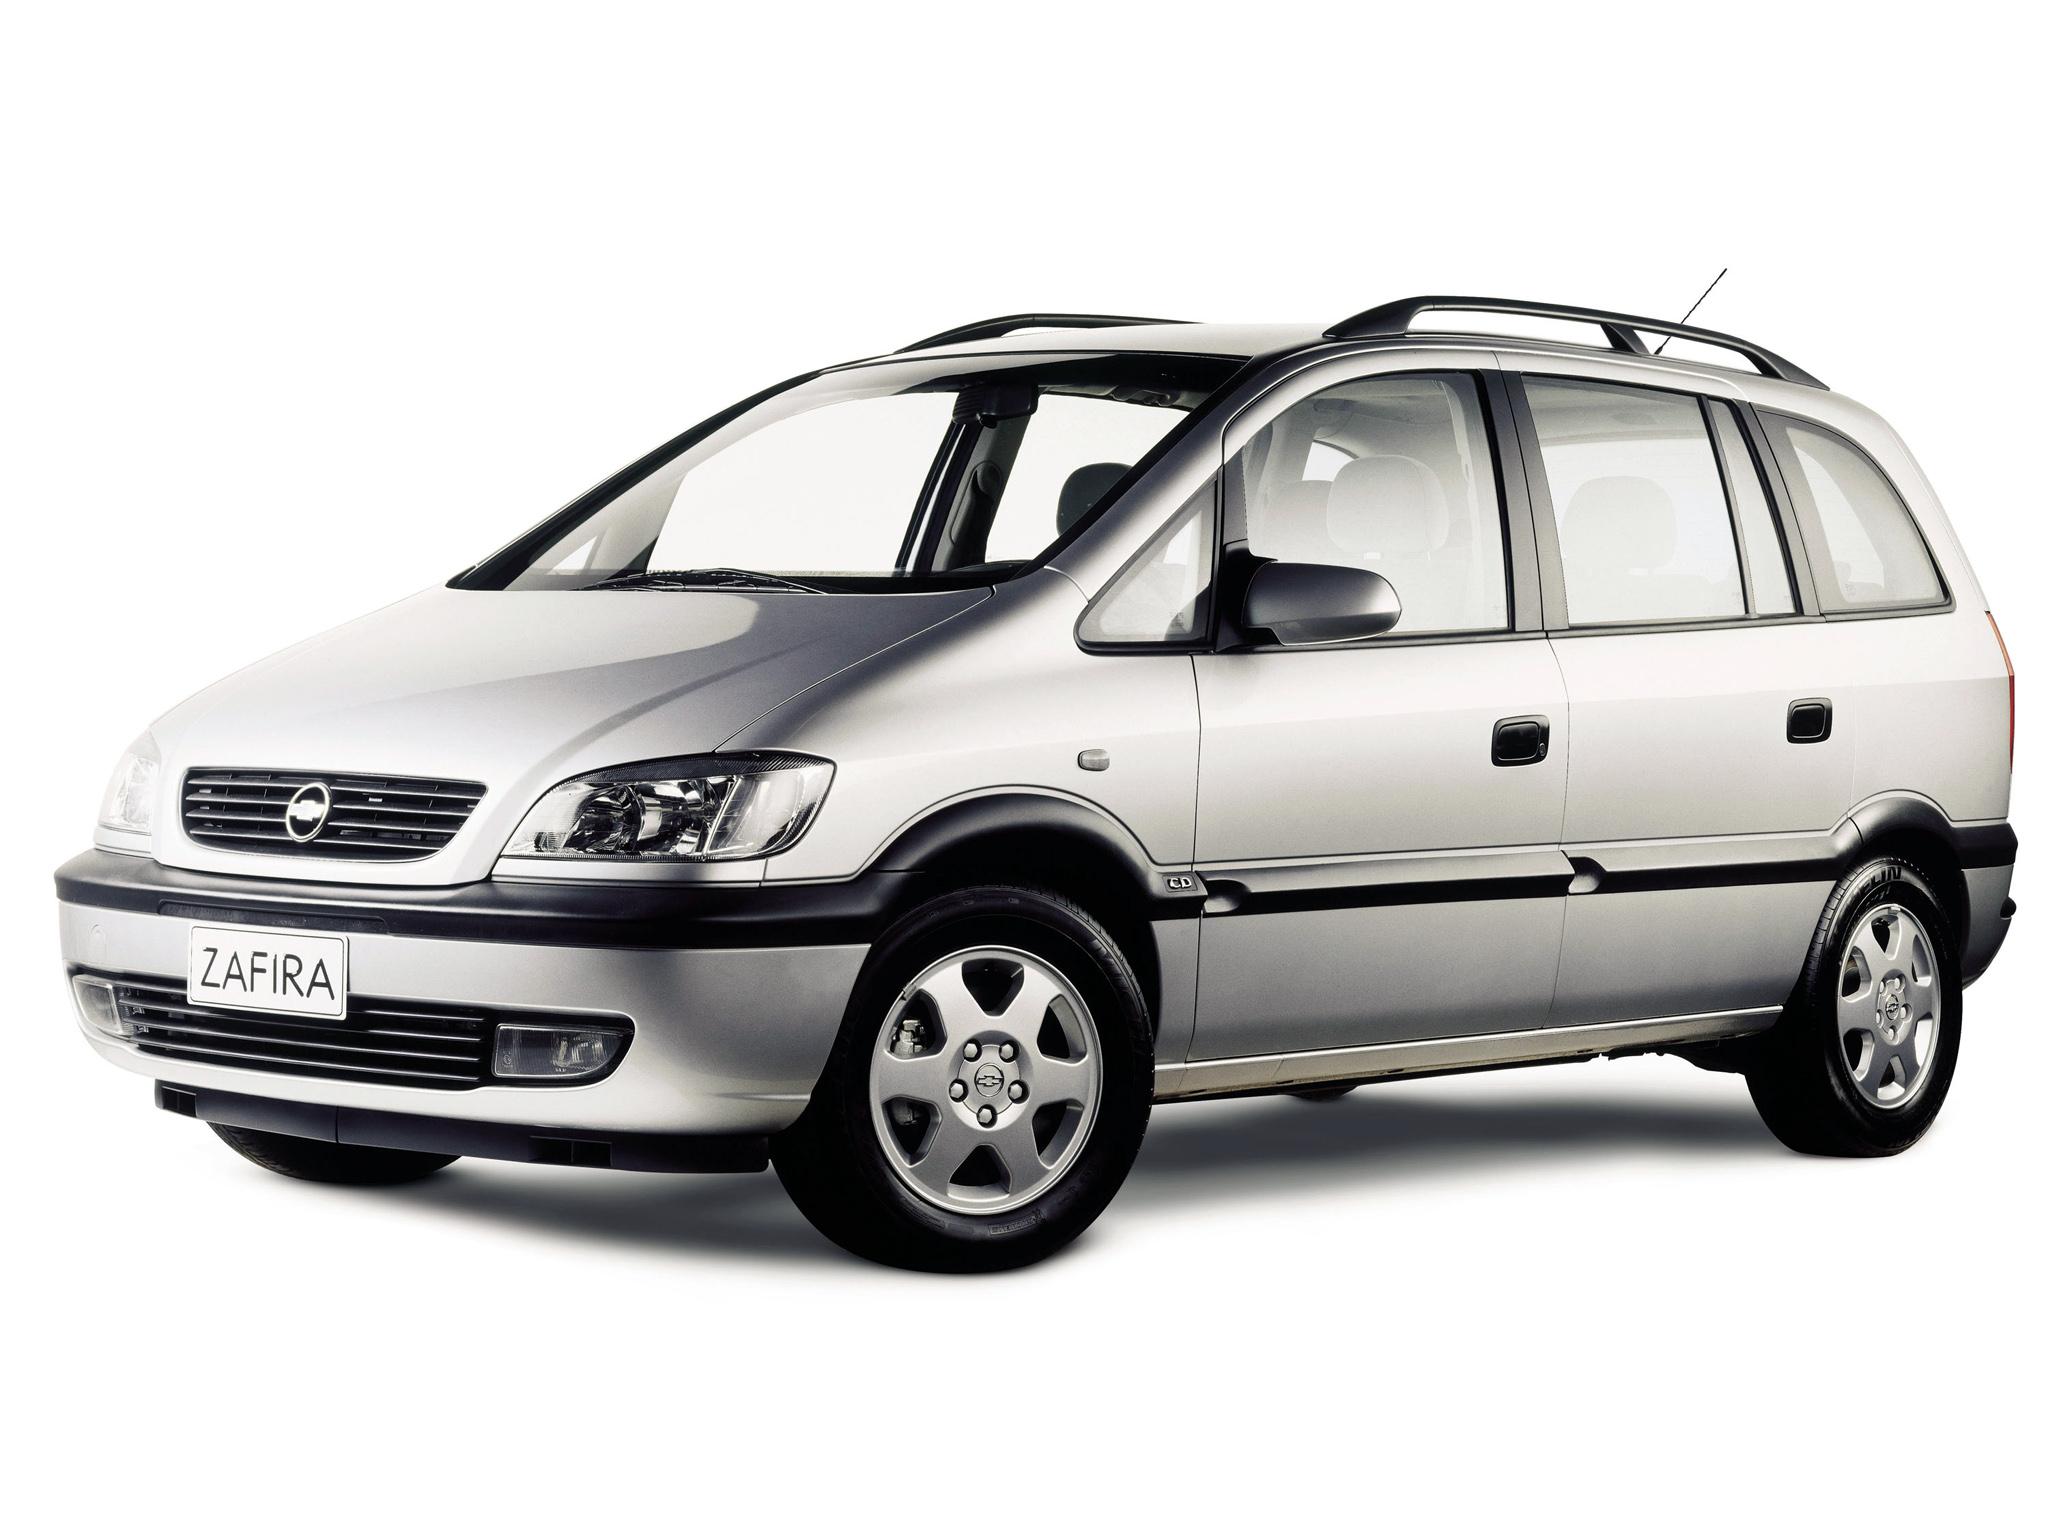 Chevrolet Zafira 2001 foto - 2